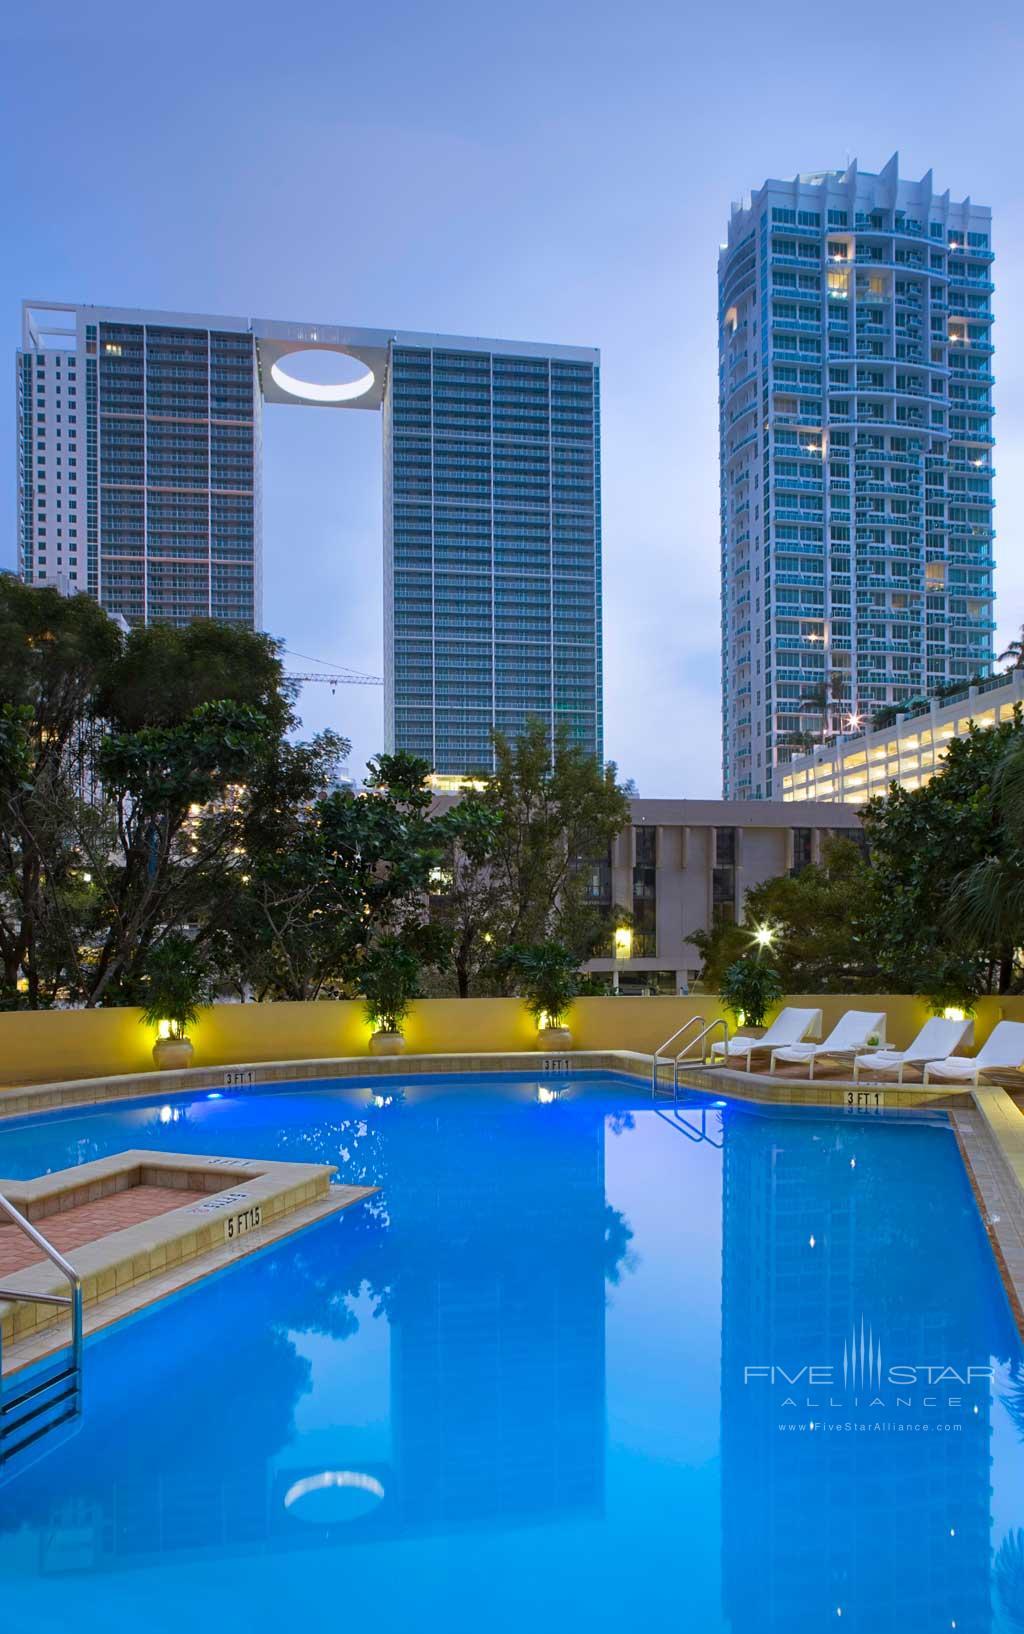 Outdoor Pool at Hyatt Regency Miami, Miami, FL